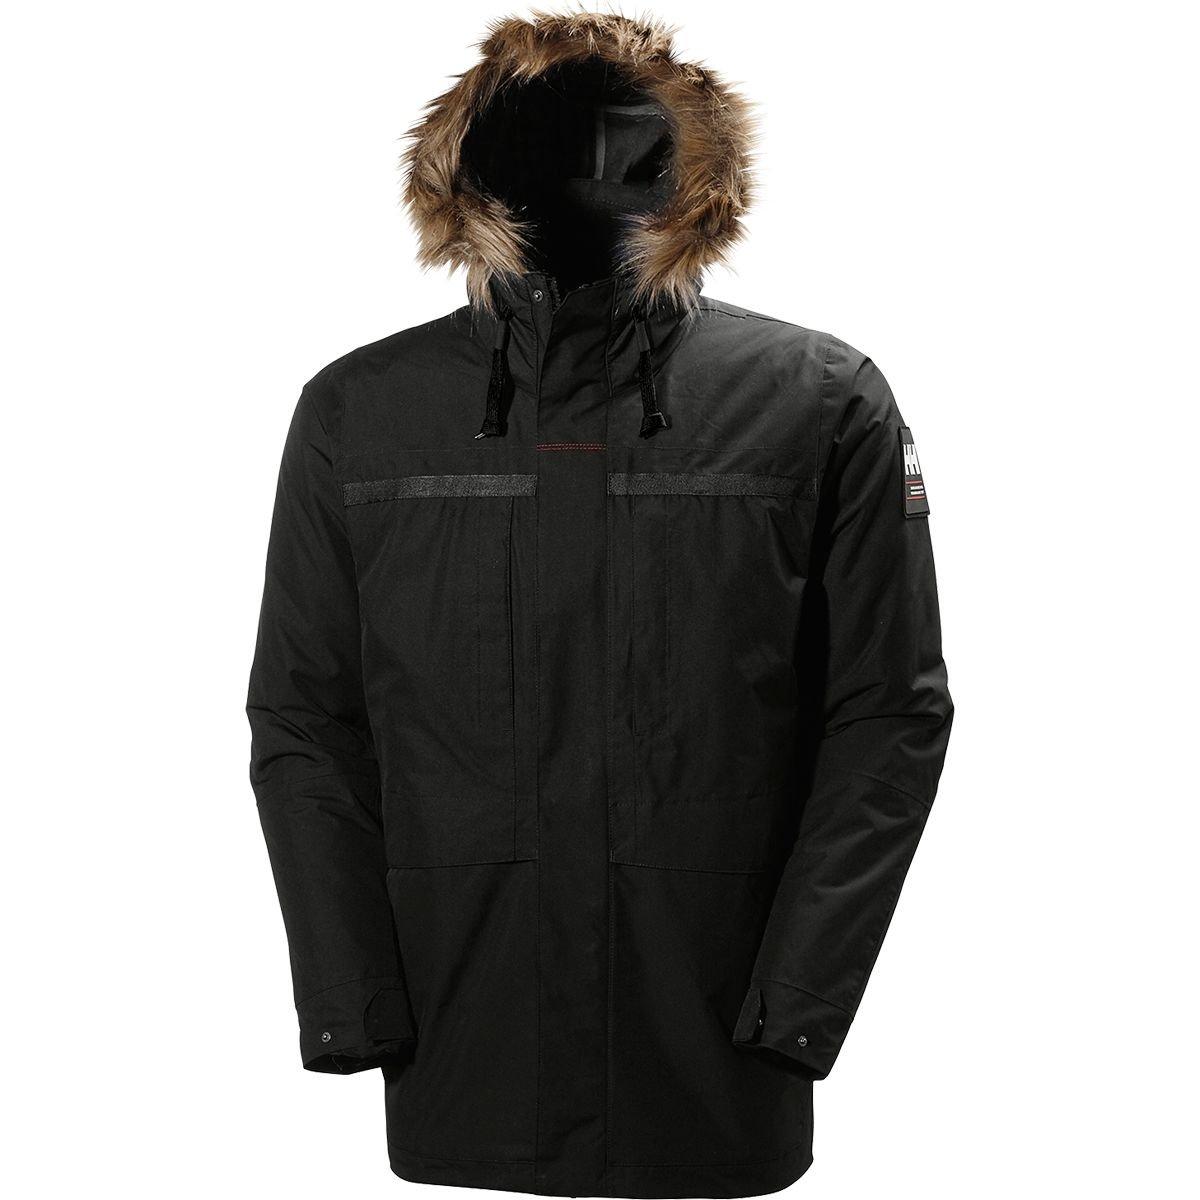 (ヘリーハンセン) Helly Hansen Coastal 2 Insulated Parka メンズ ジャケットBlack [並行輸入品] B07677X54K 日本サイズ L (US M)|Black Black 日本サイズ L (US M)